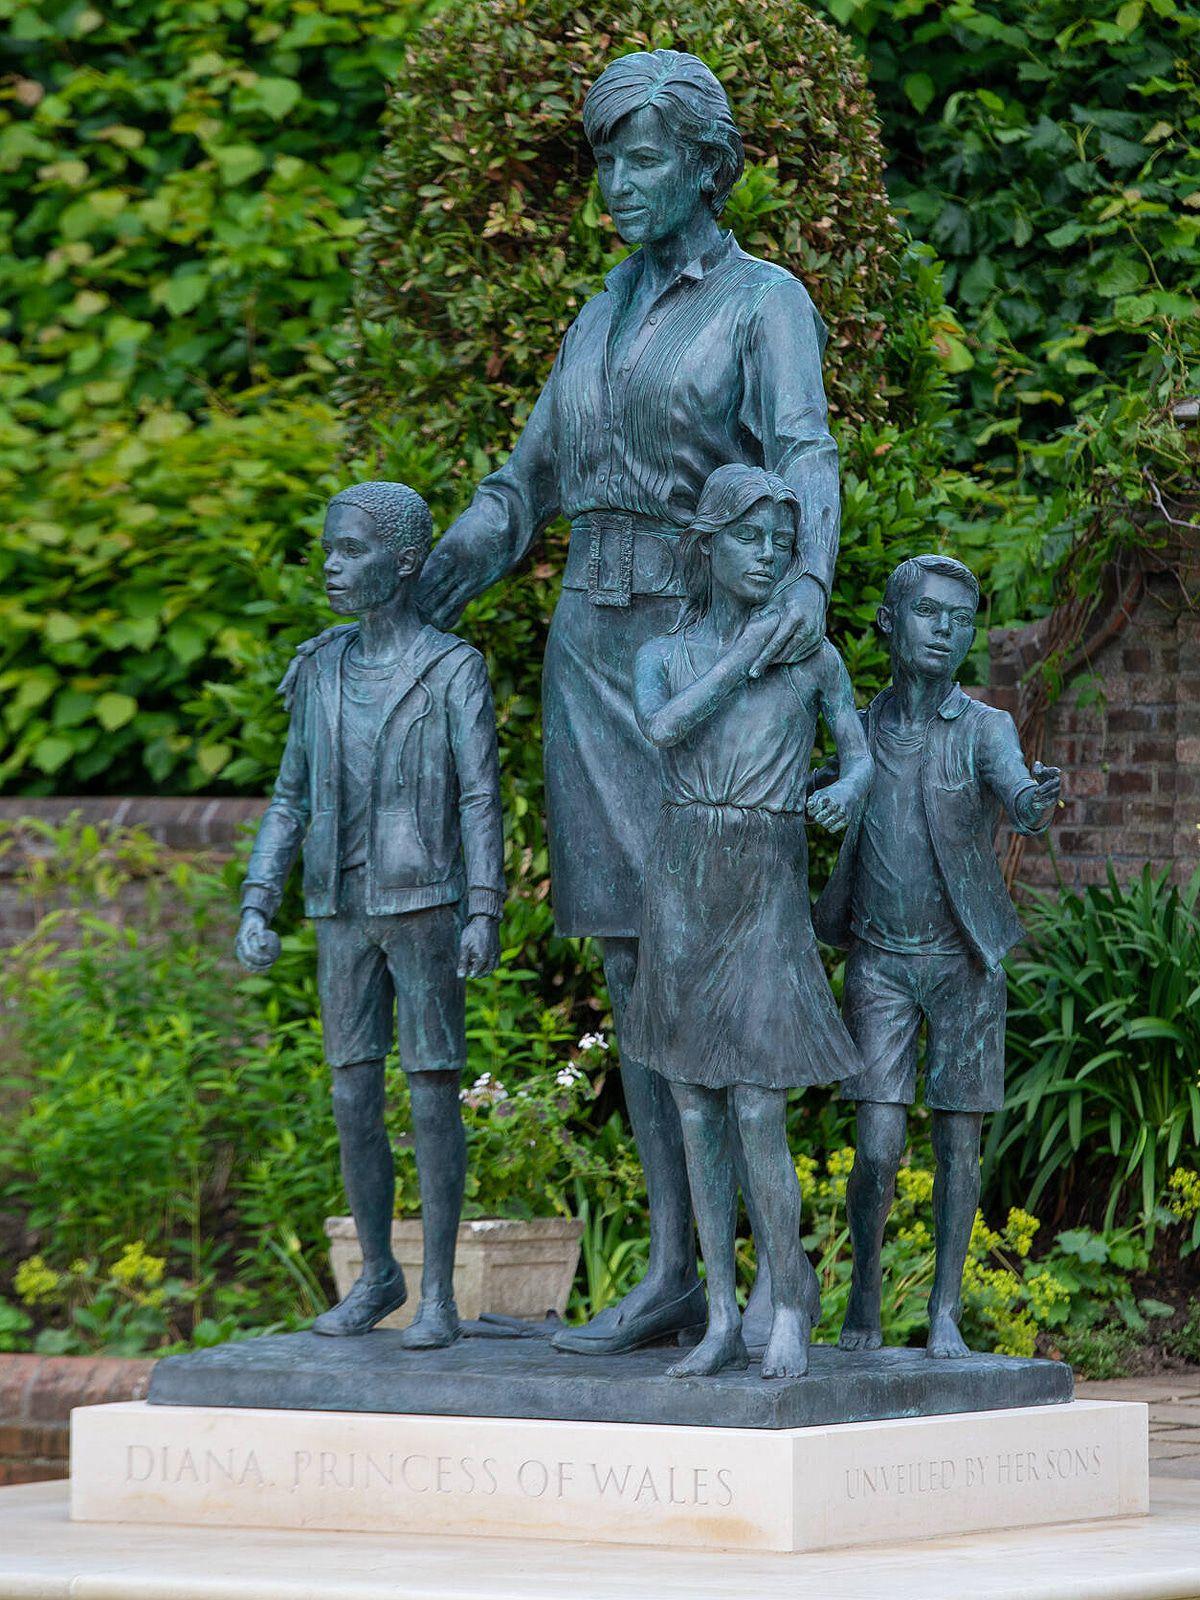 Enthüllung: Diese besondere Bedeutung hat die Diana-Statue